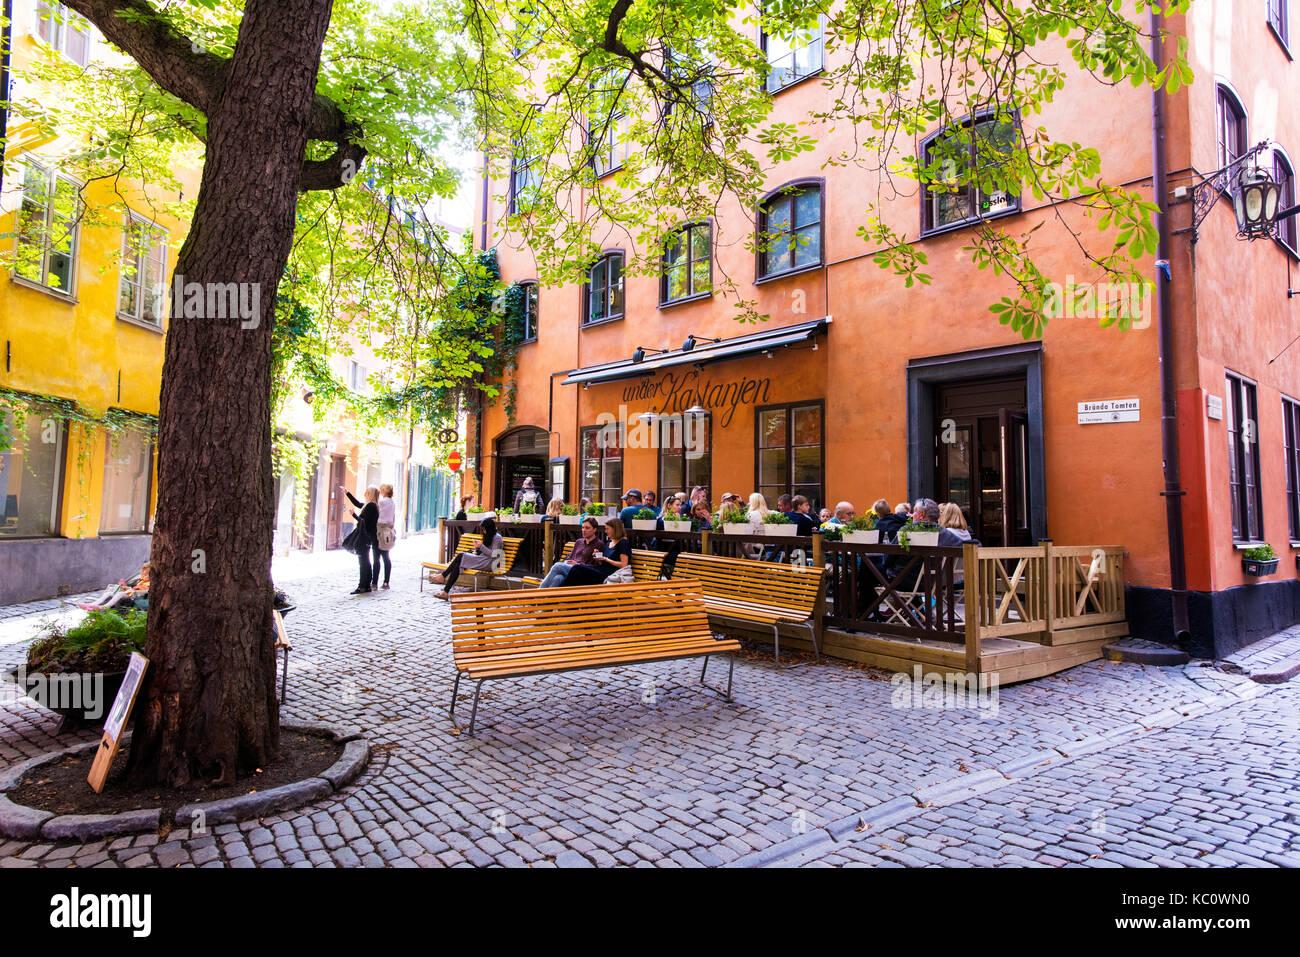 Die kleinen öffentlichen Platz, Brända Tomten, in Gamla Stan, Stockholm, Schweden Stockbild